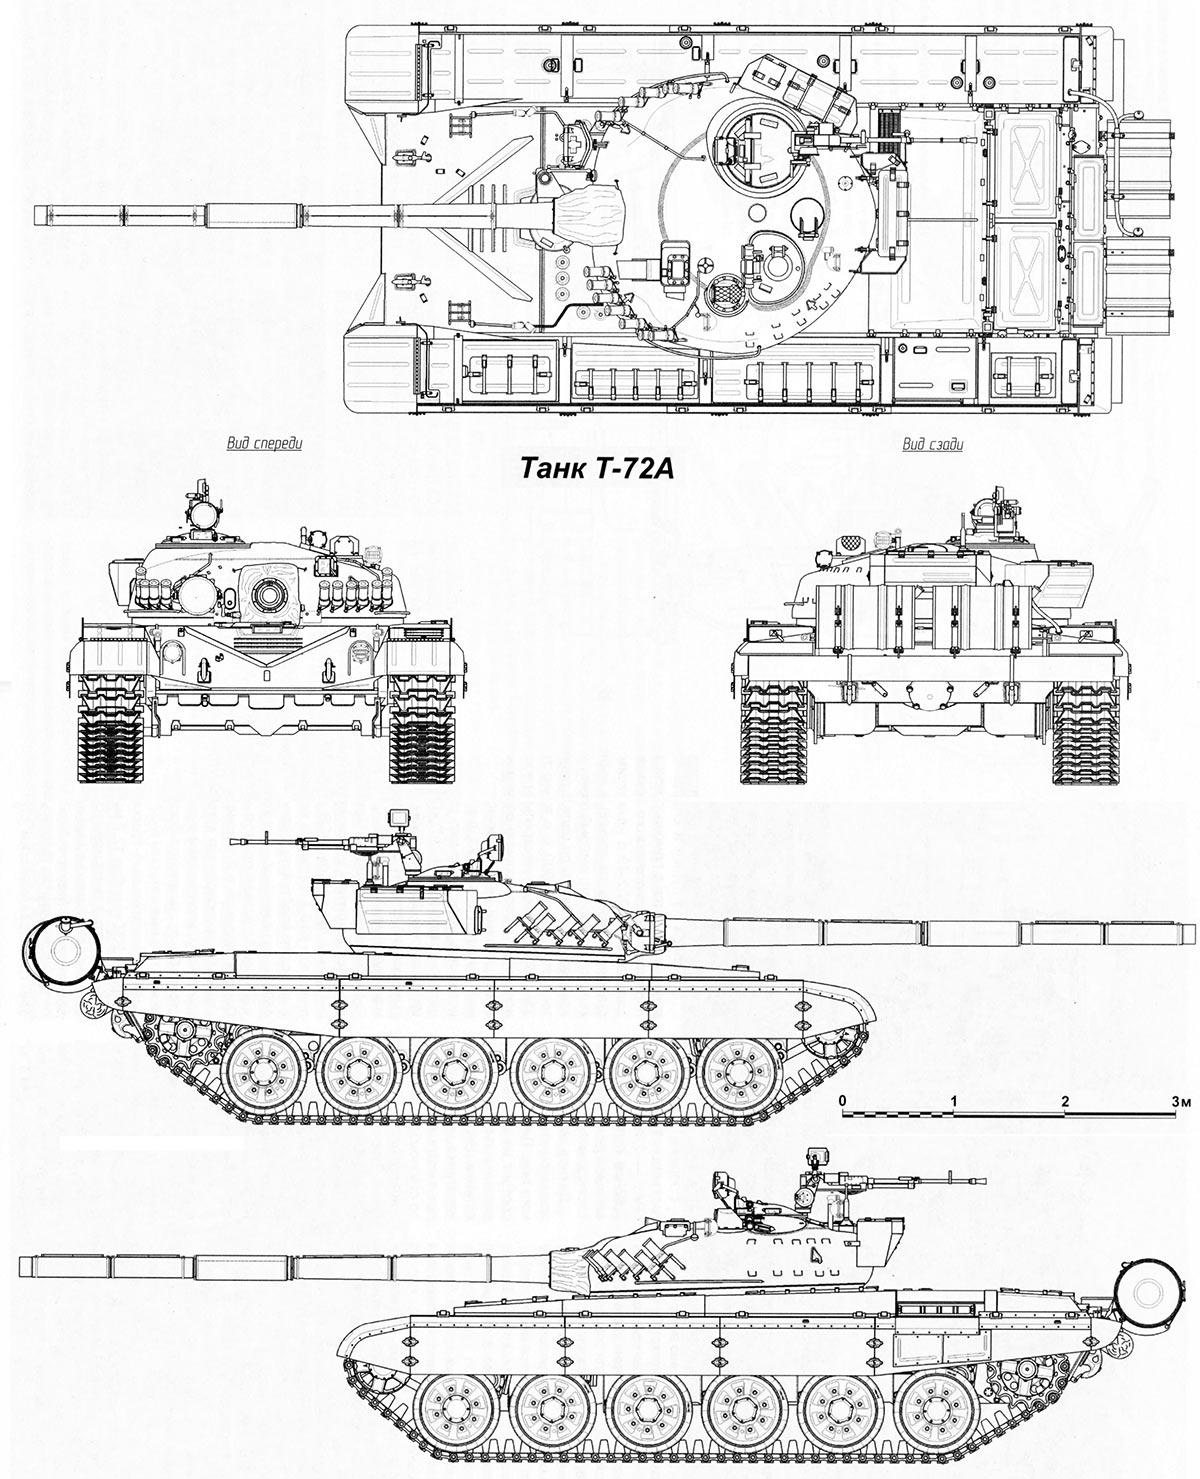 Чертеж основного боевого танка Т-72